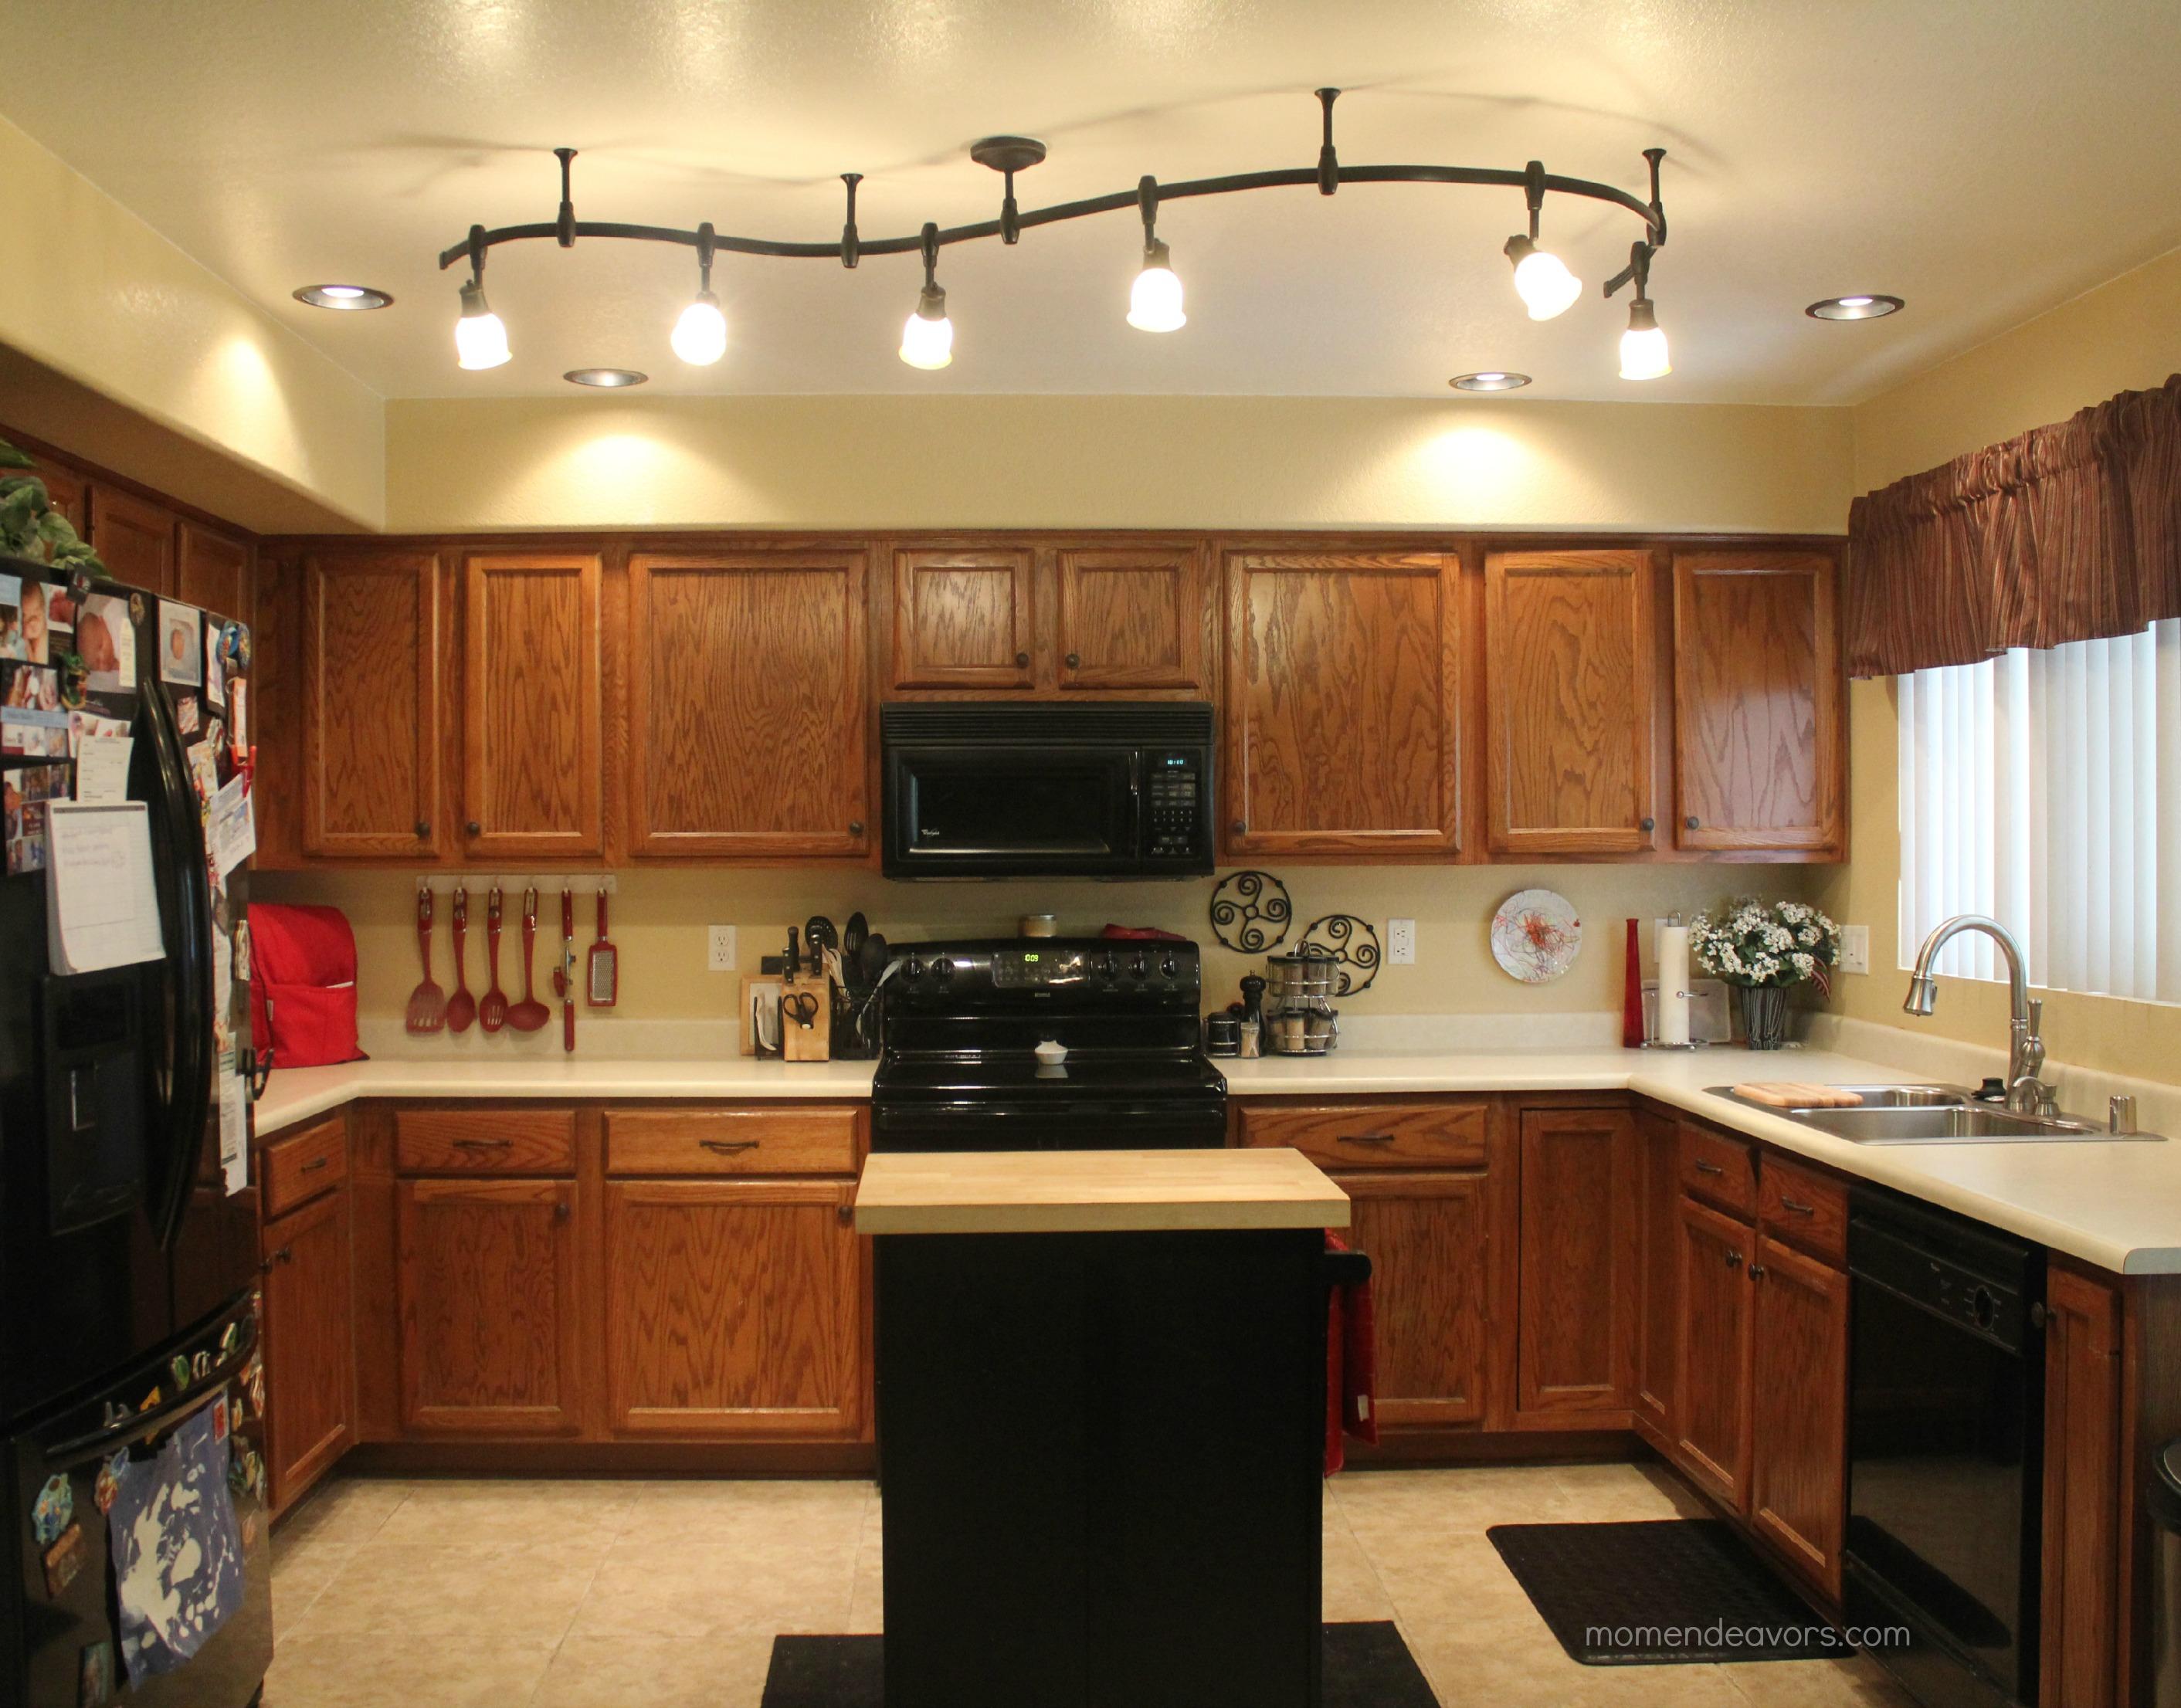 Kitchen Lighting Fixtures 2824 x 2212